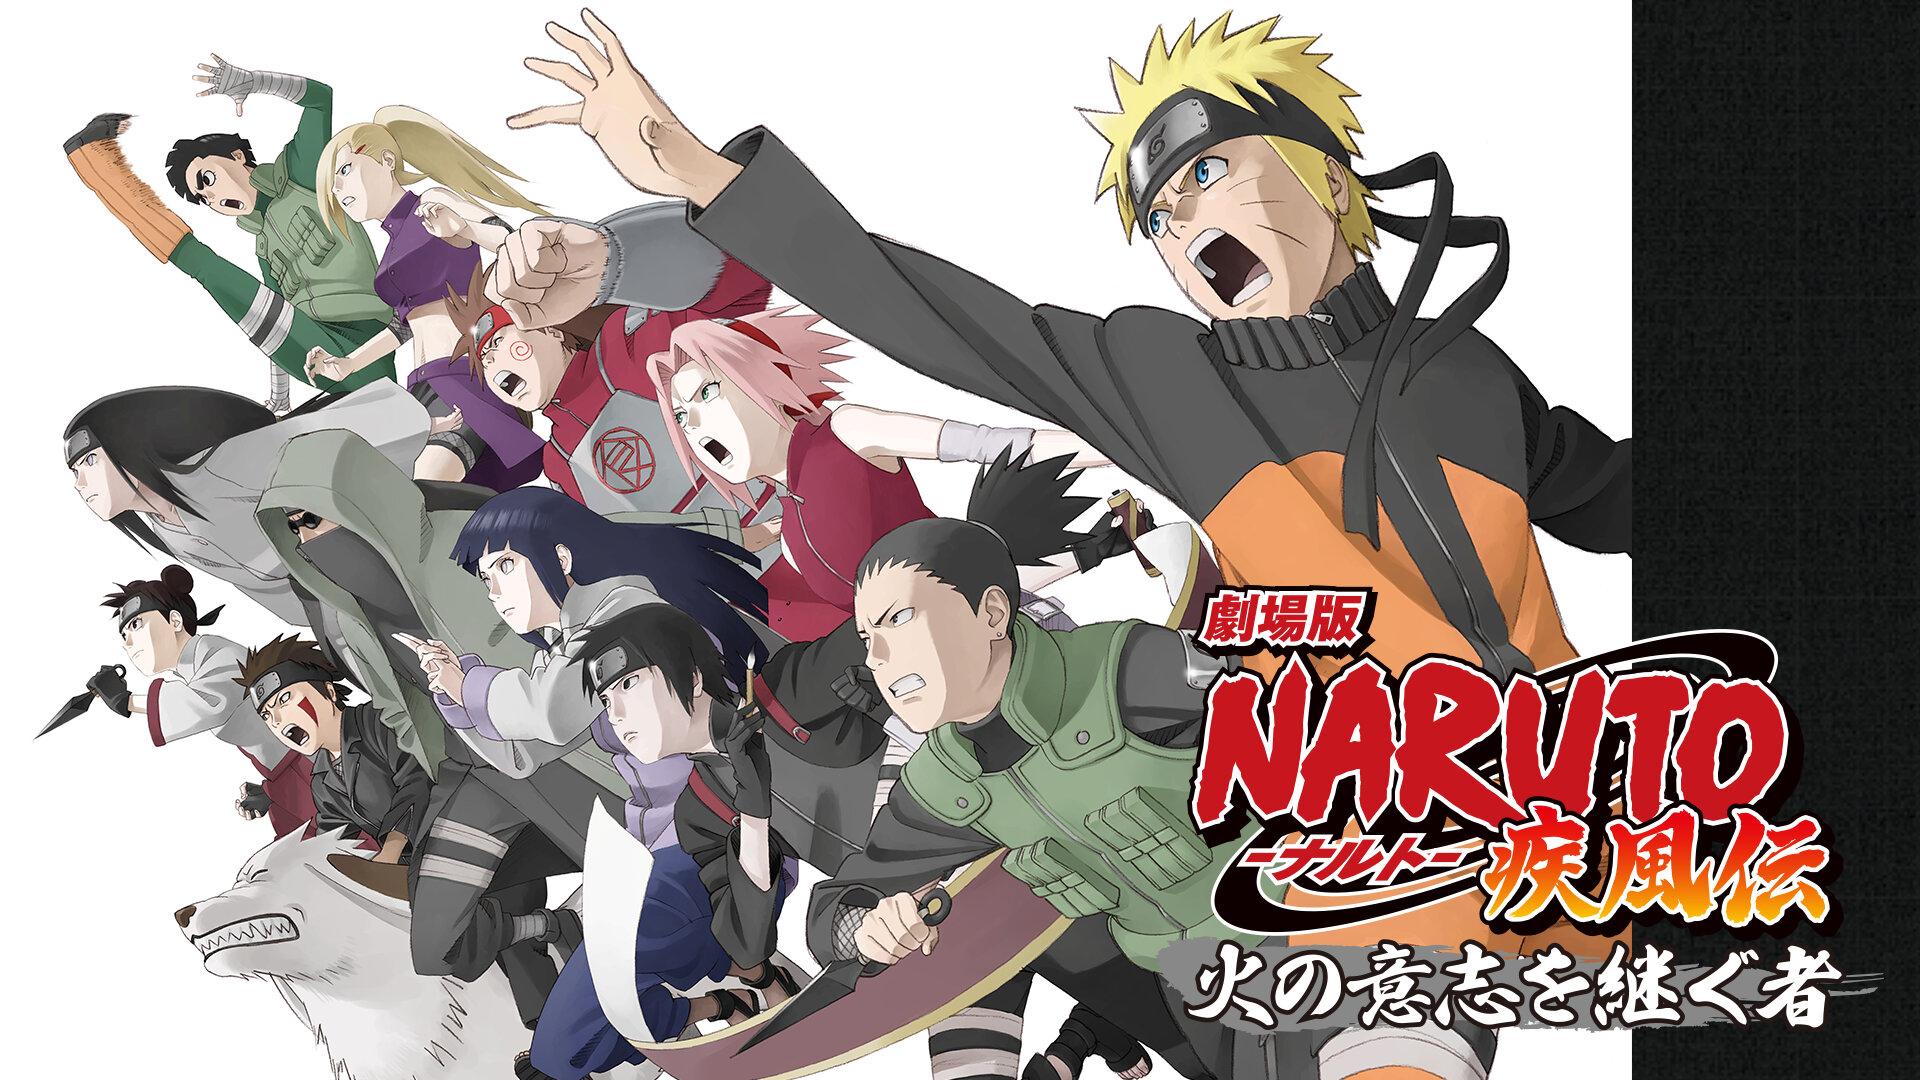 劇場版NARUTO-ナルト- 疾風伝 火の意志を継ぐ者(dアニメストア)